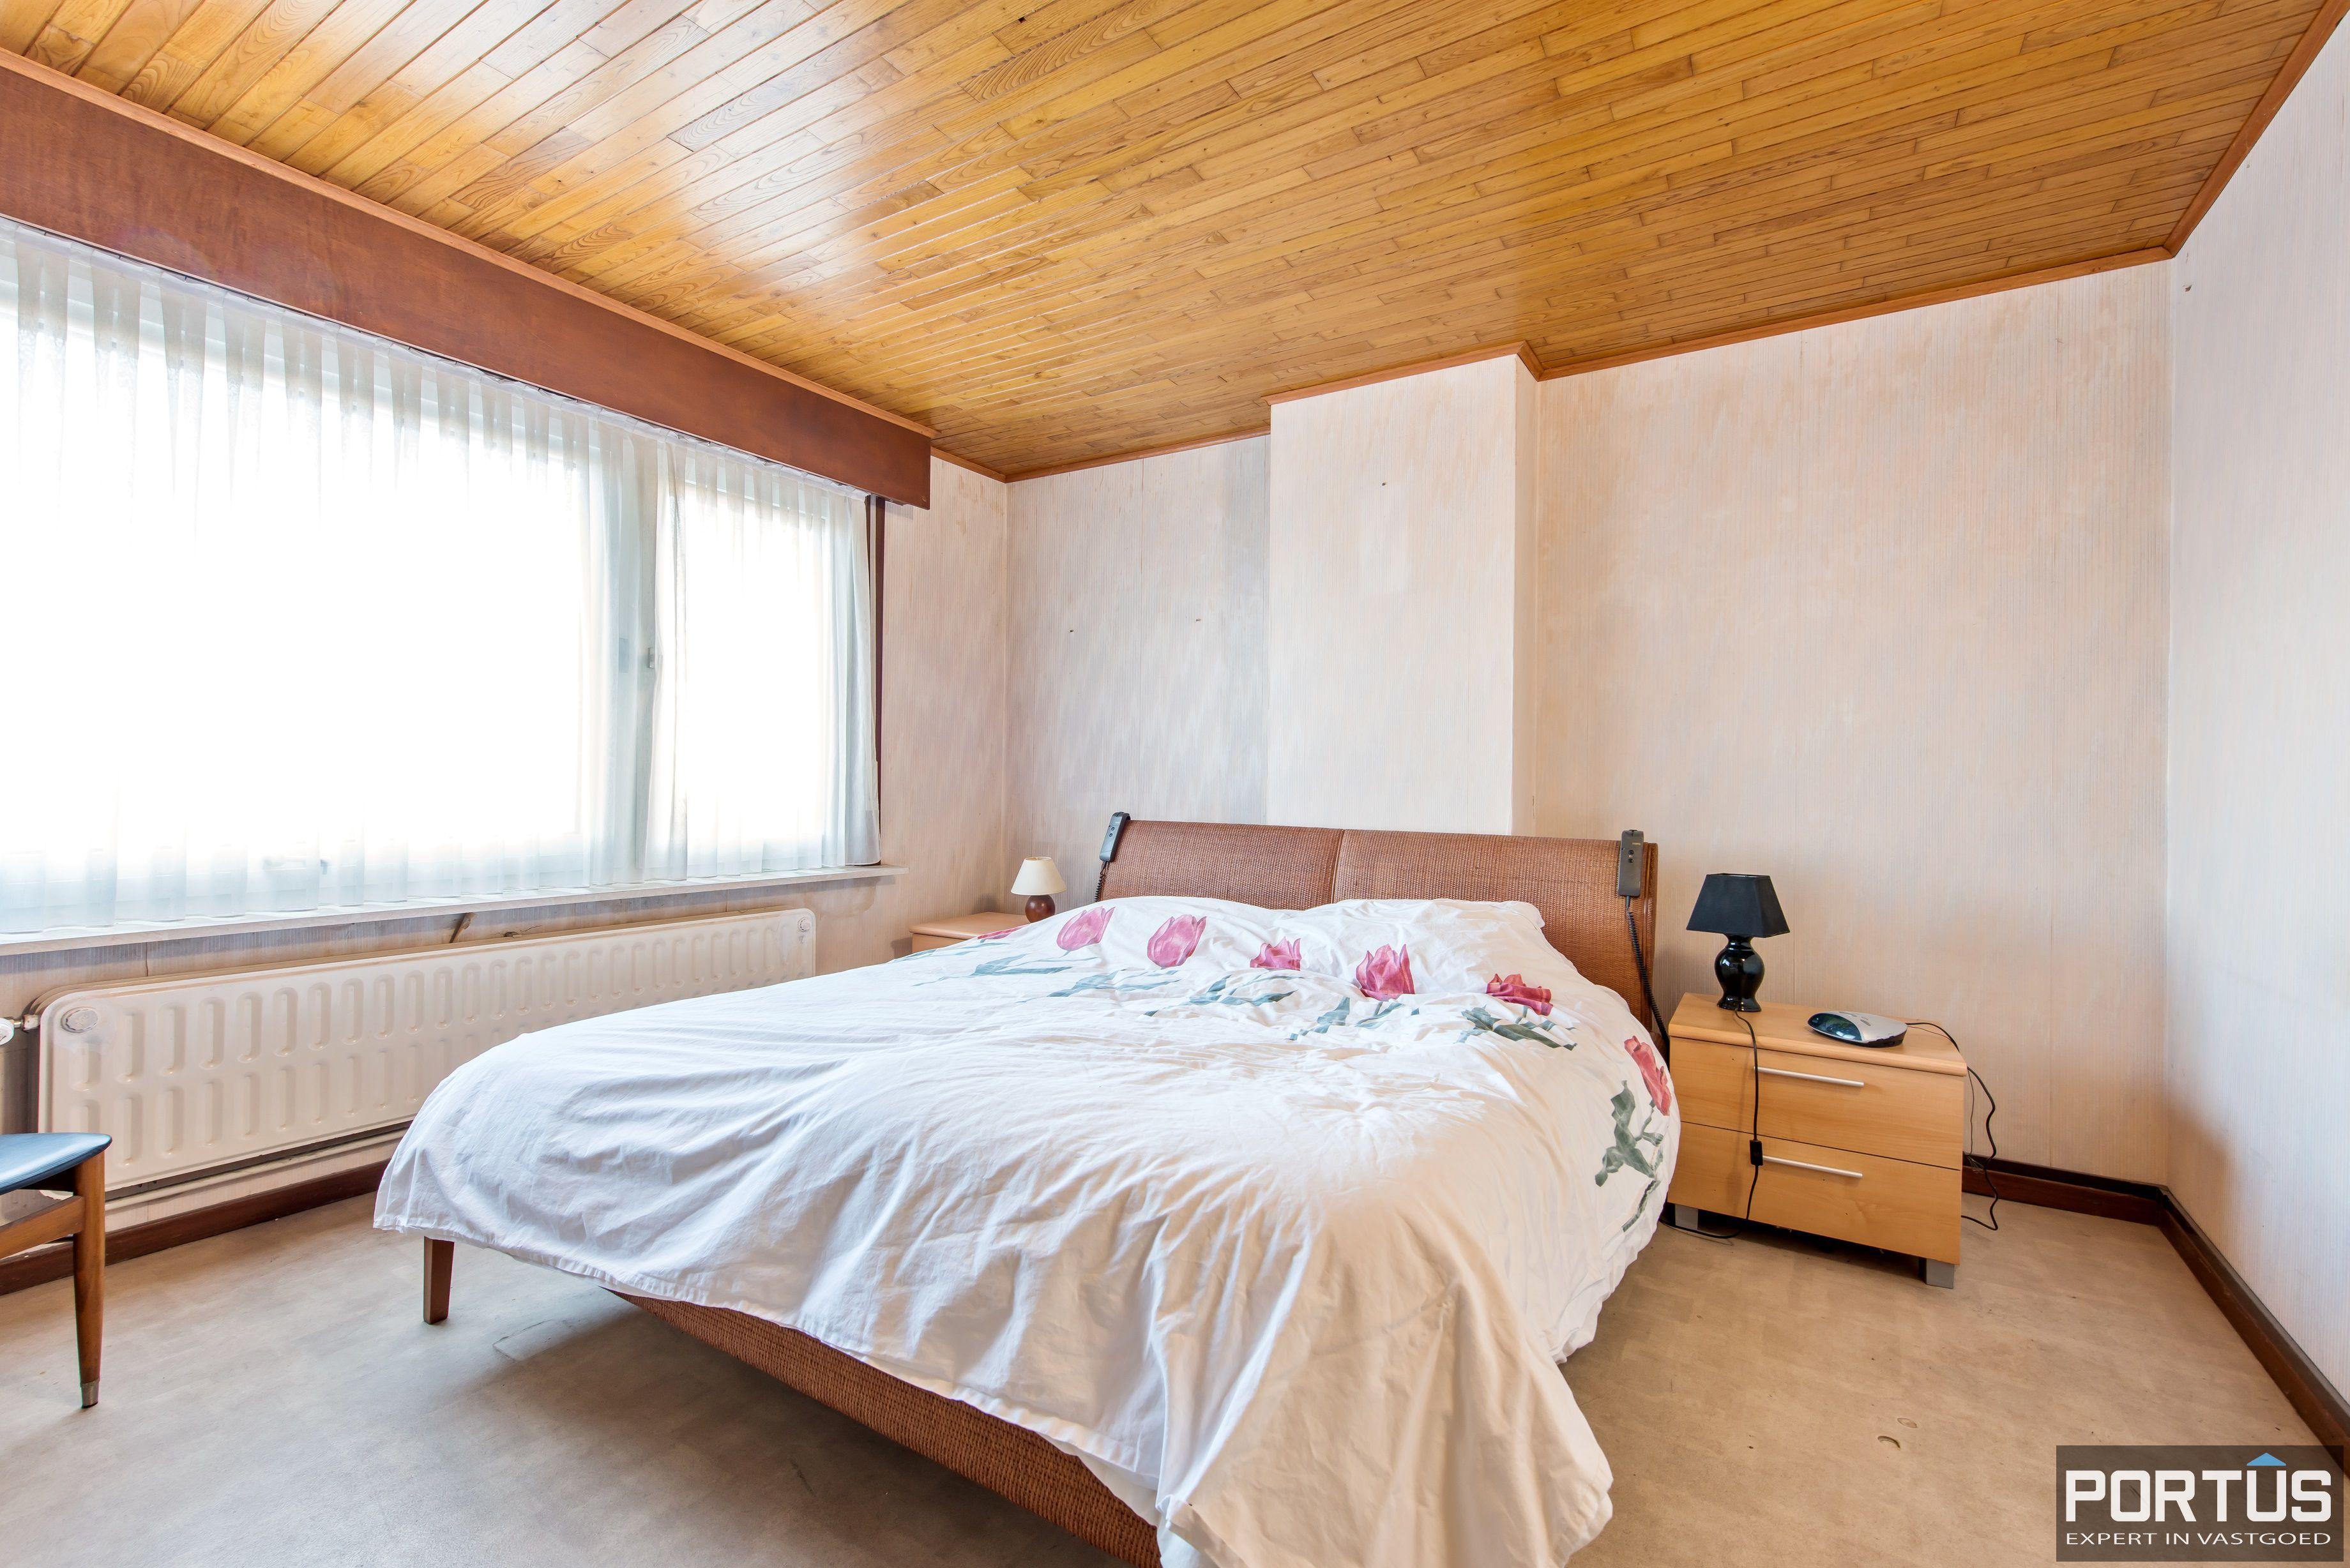 Woning met 4 slaapkamers en grote tuin te koop - 10789